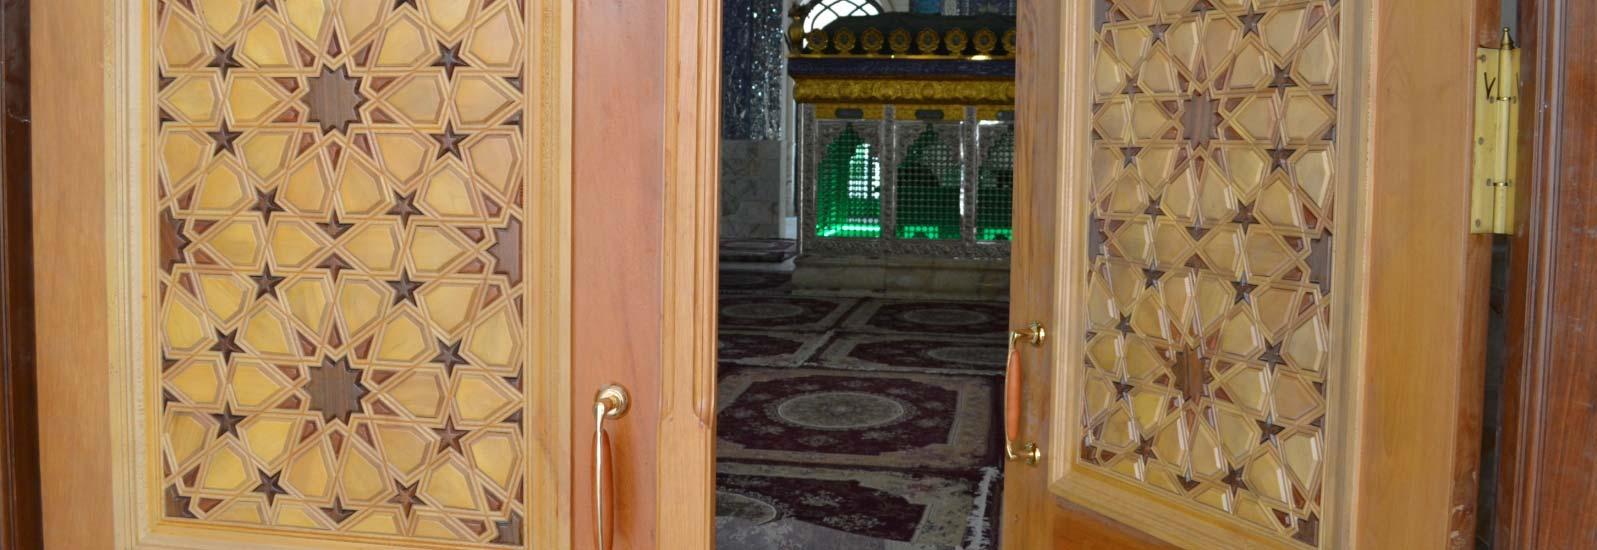 درب چوبی گره چینی